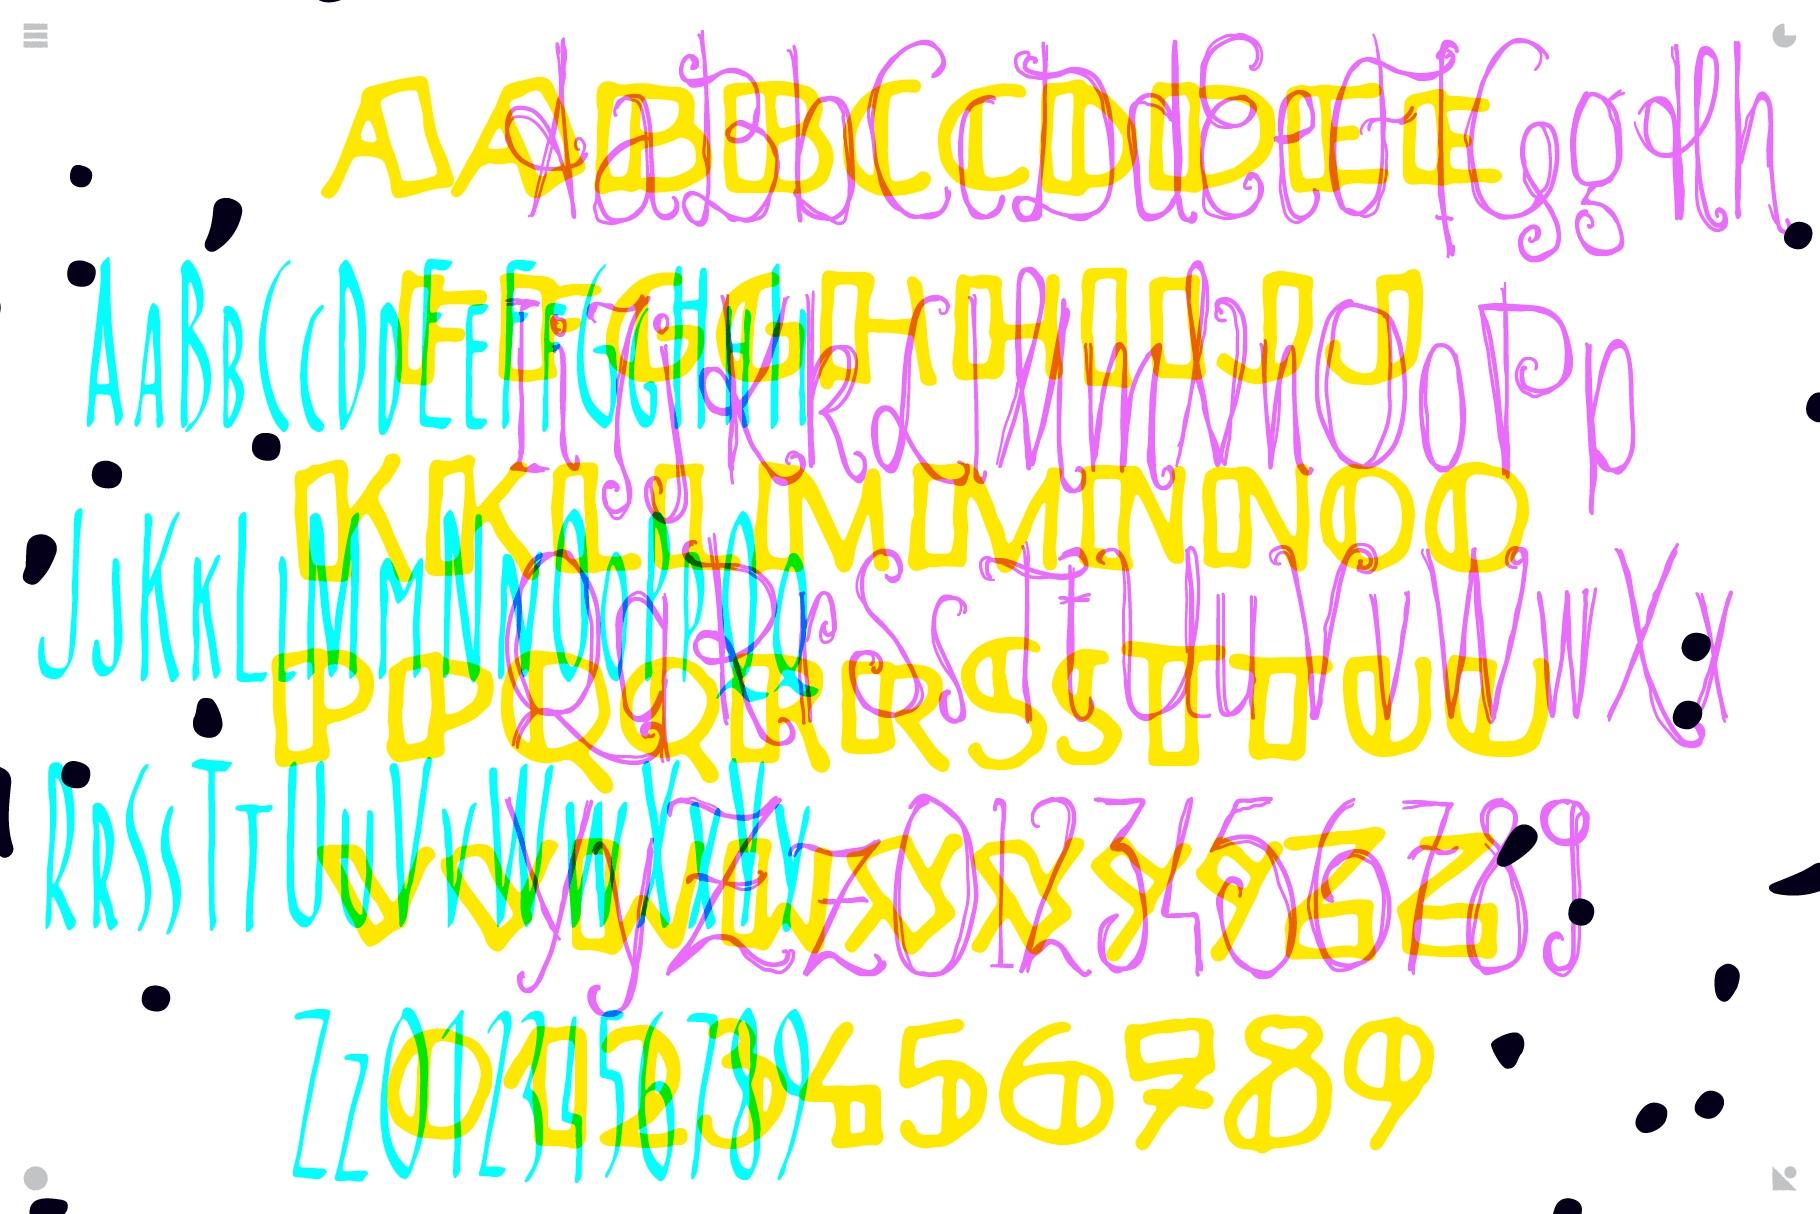 zumEgon_Fonts_Unfug-Collection_04